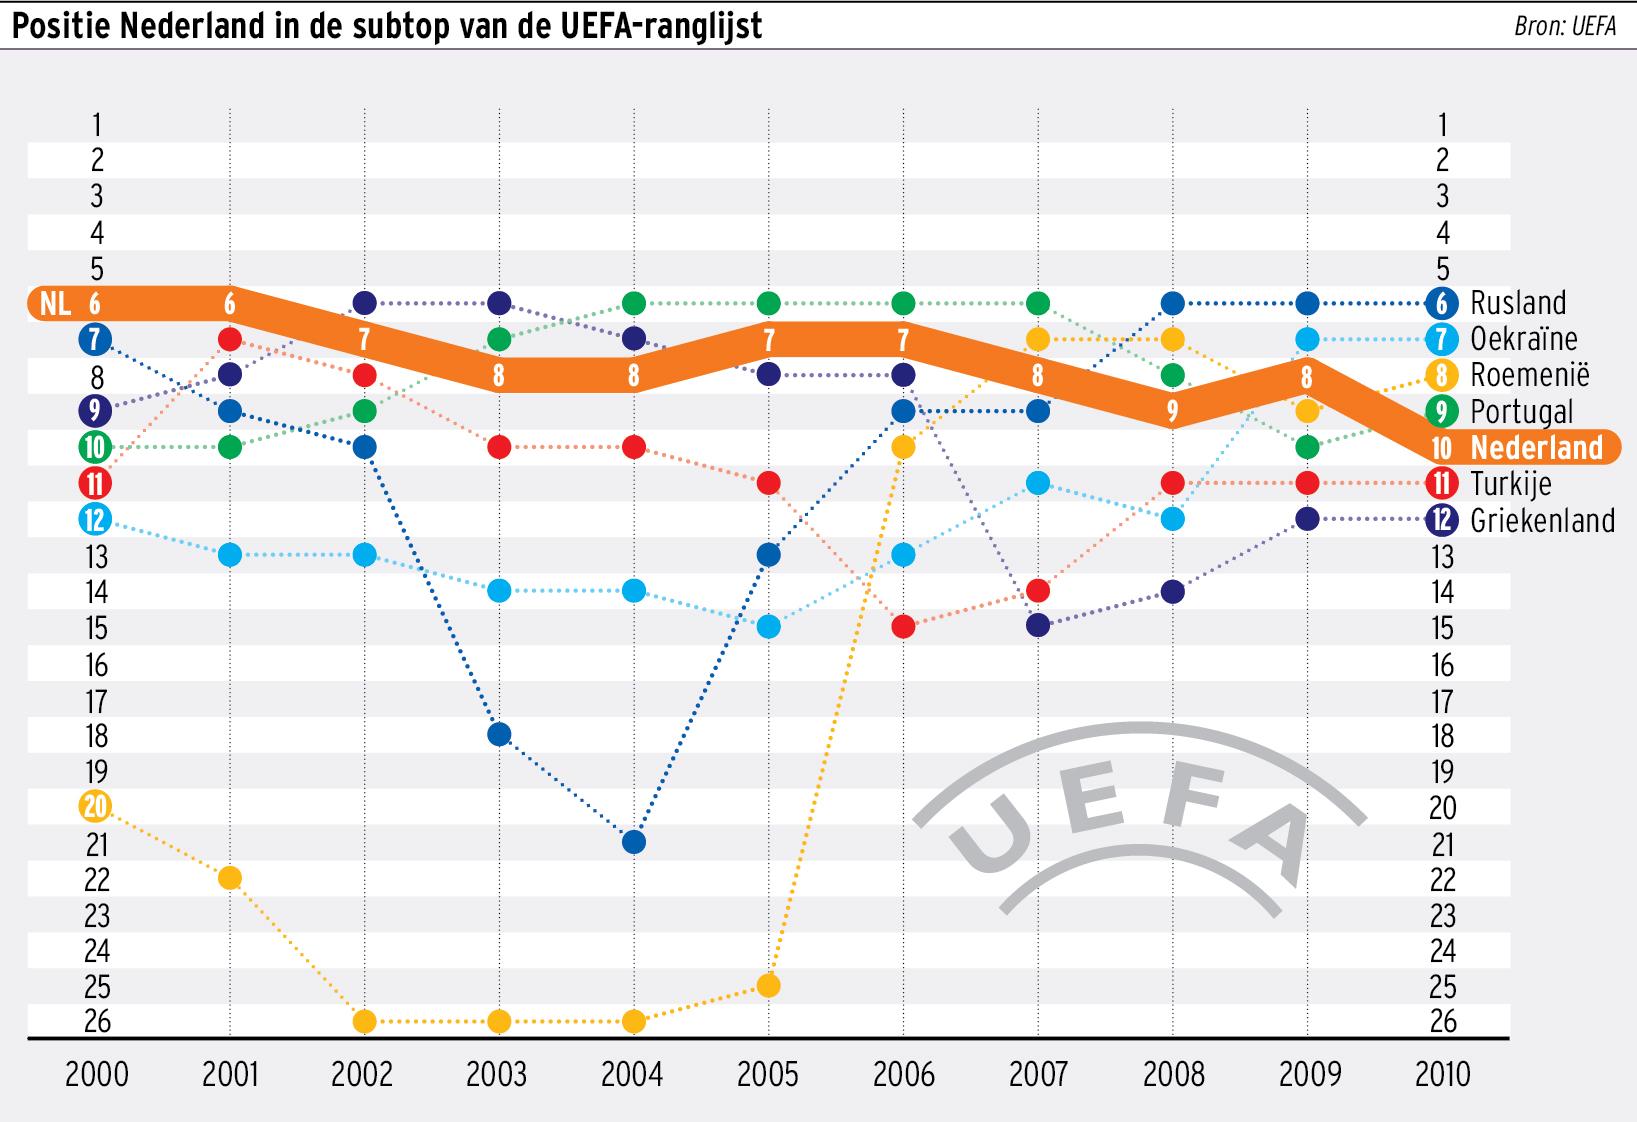 Graphic positie NL op UEFA lijst